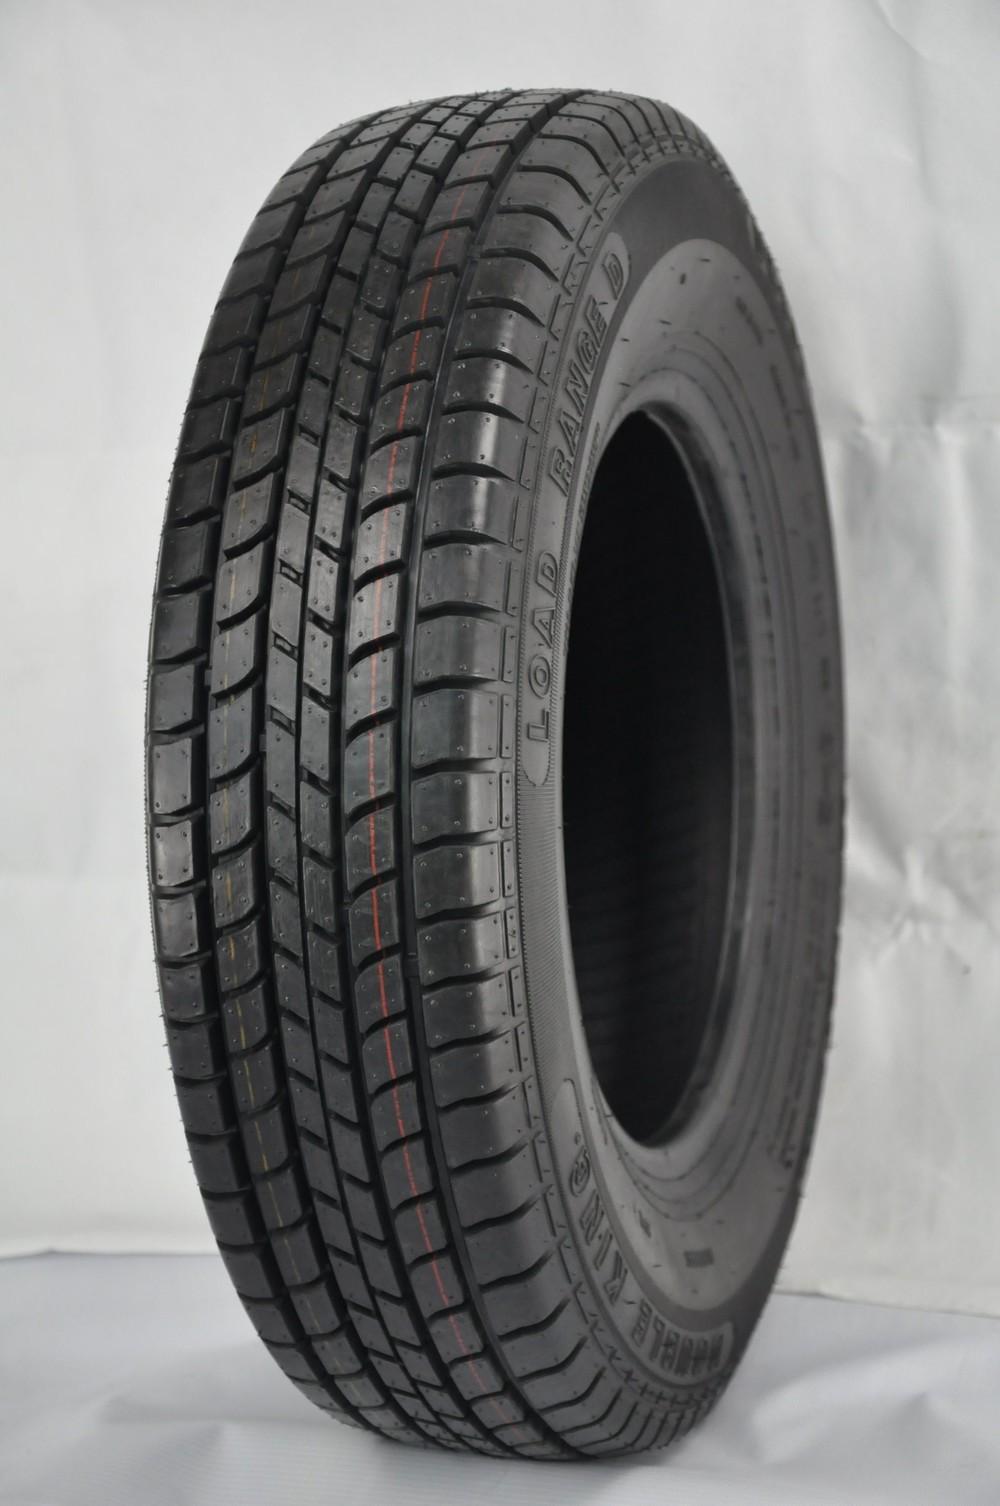 Goodride Westlake UHP Passenger Car Radial Tyre